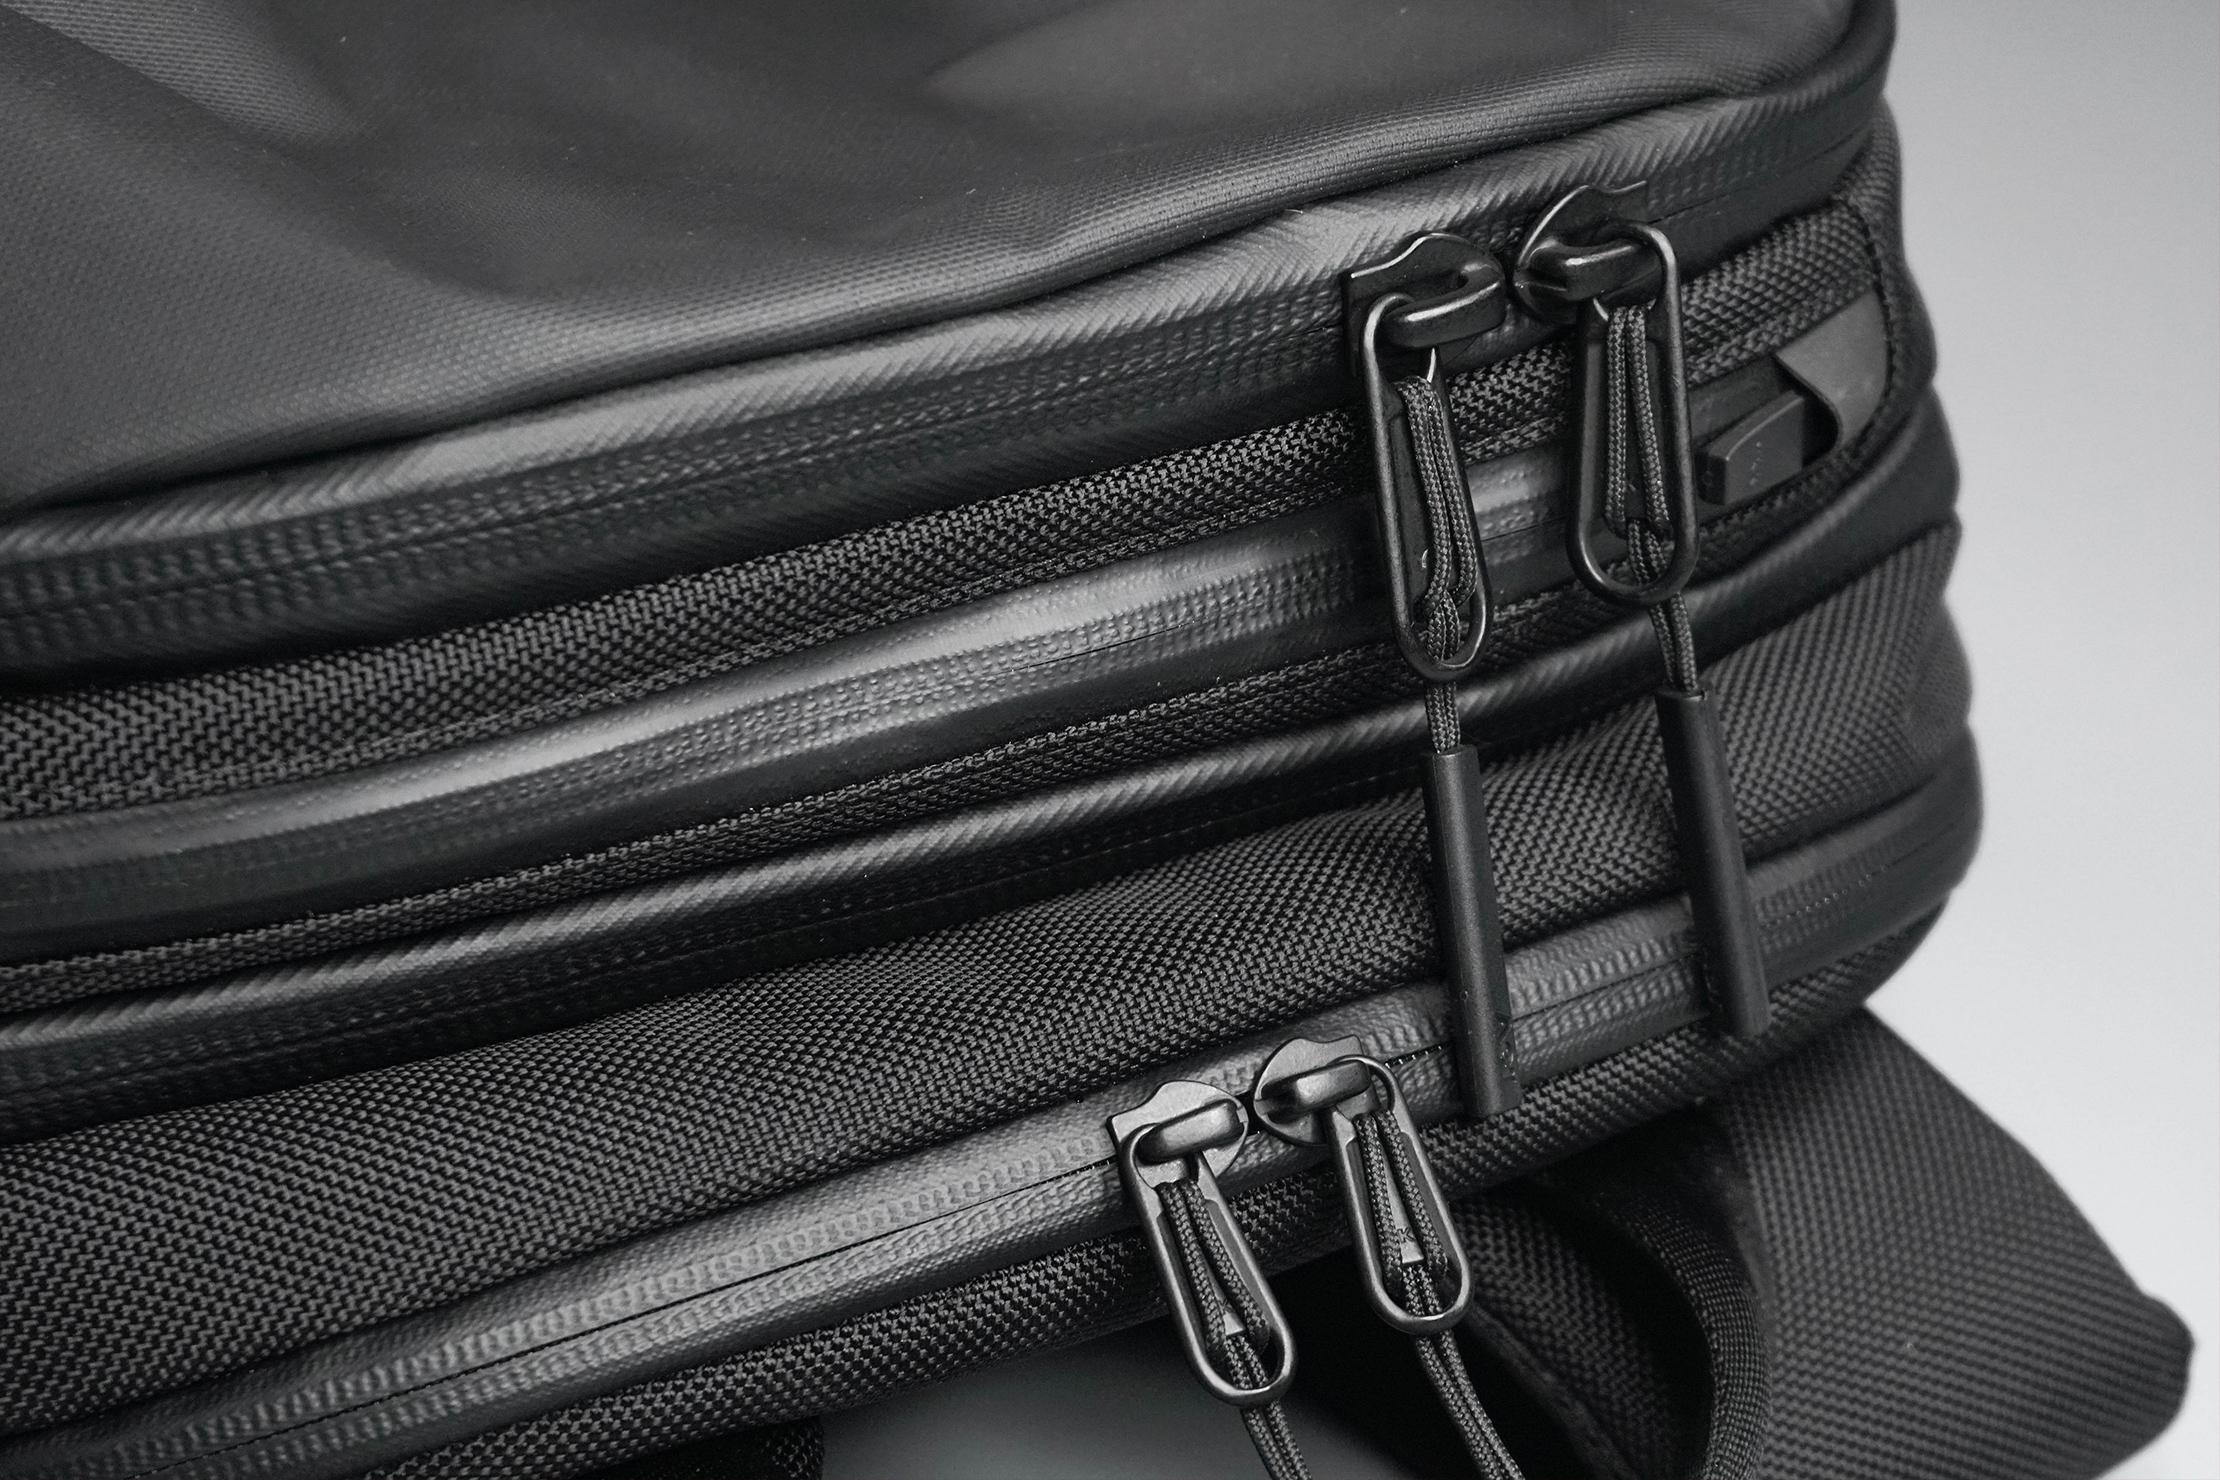 Aer Tech Pack 2 Zippers